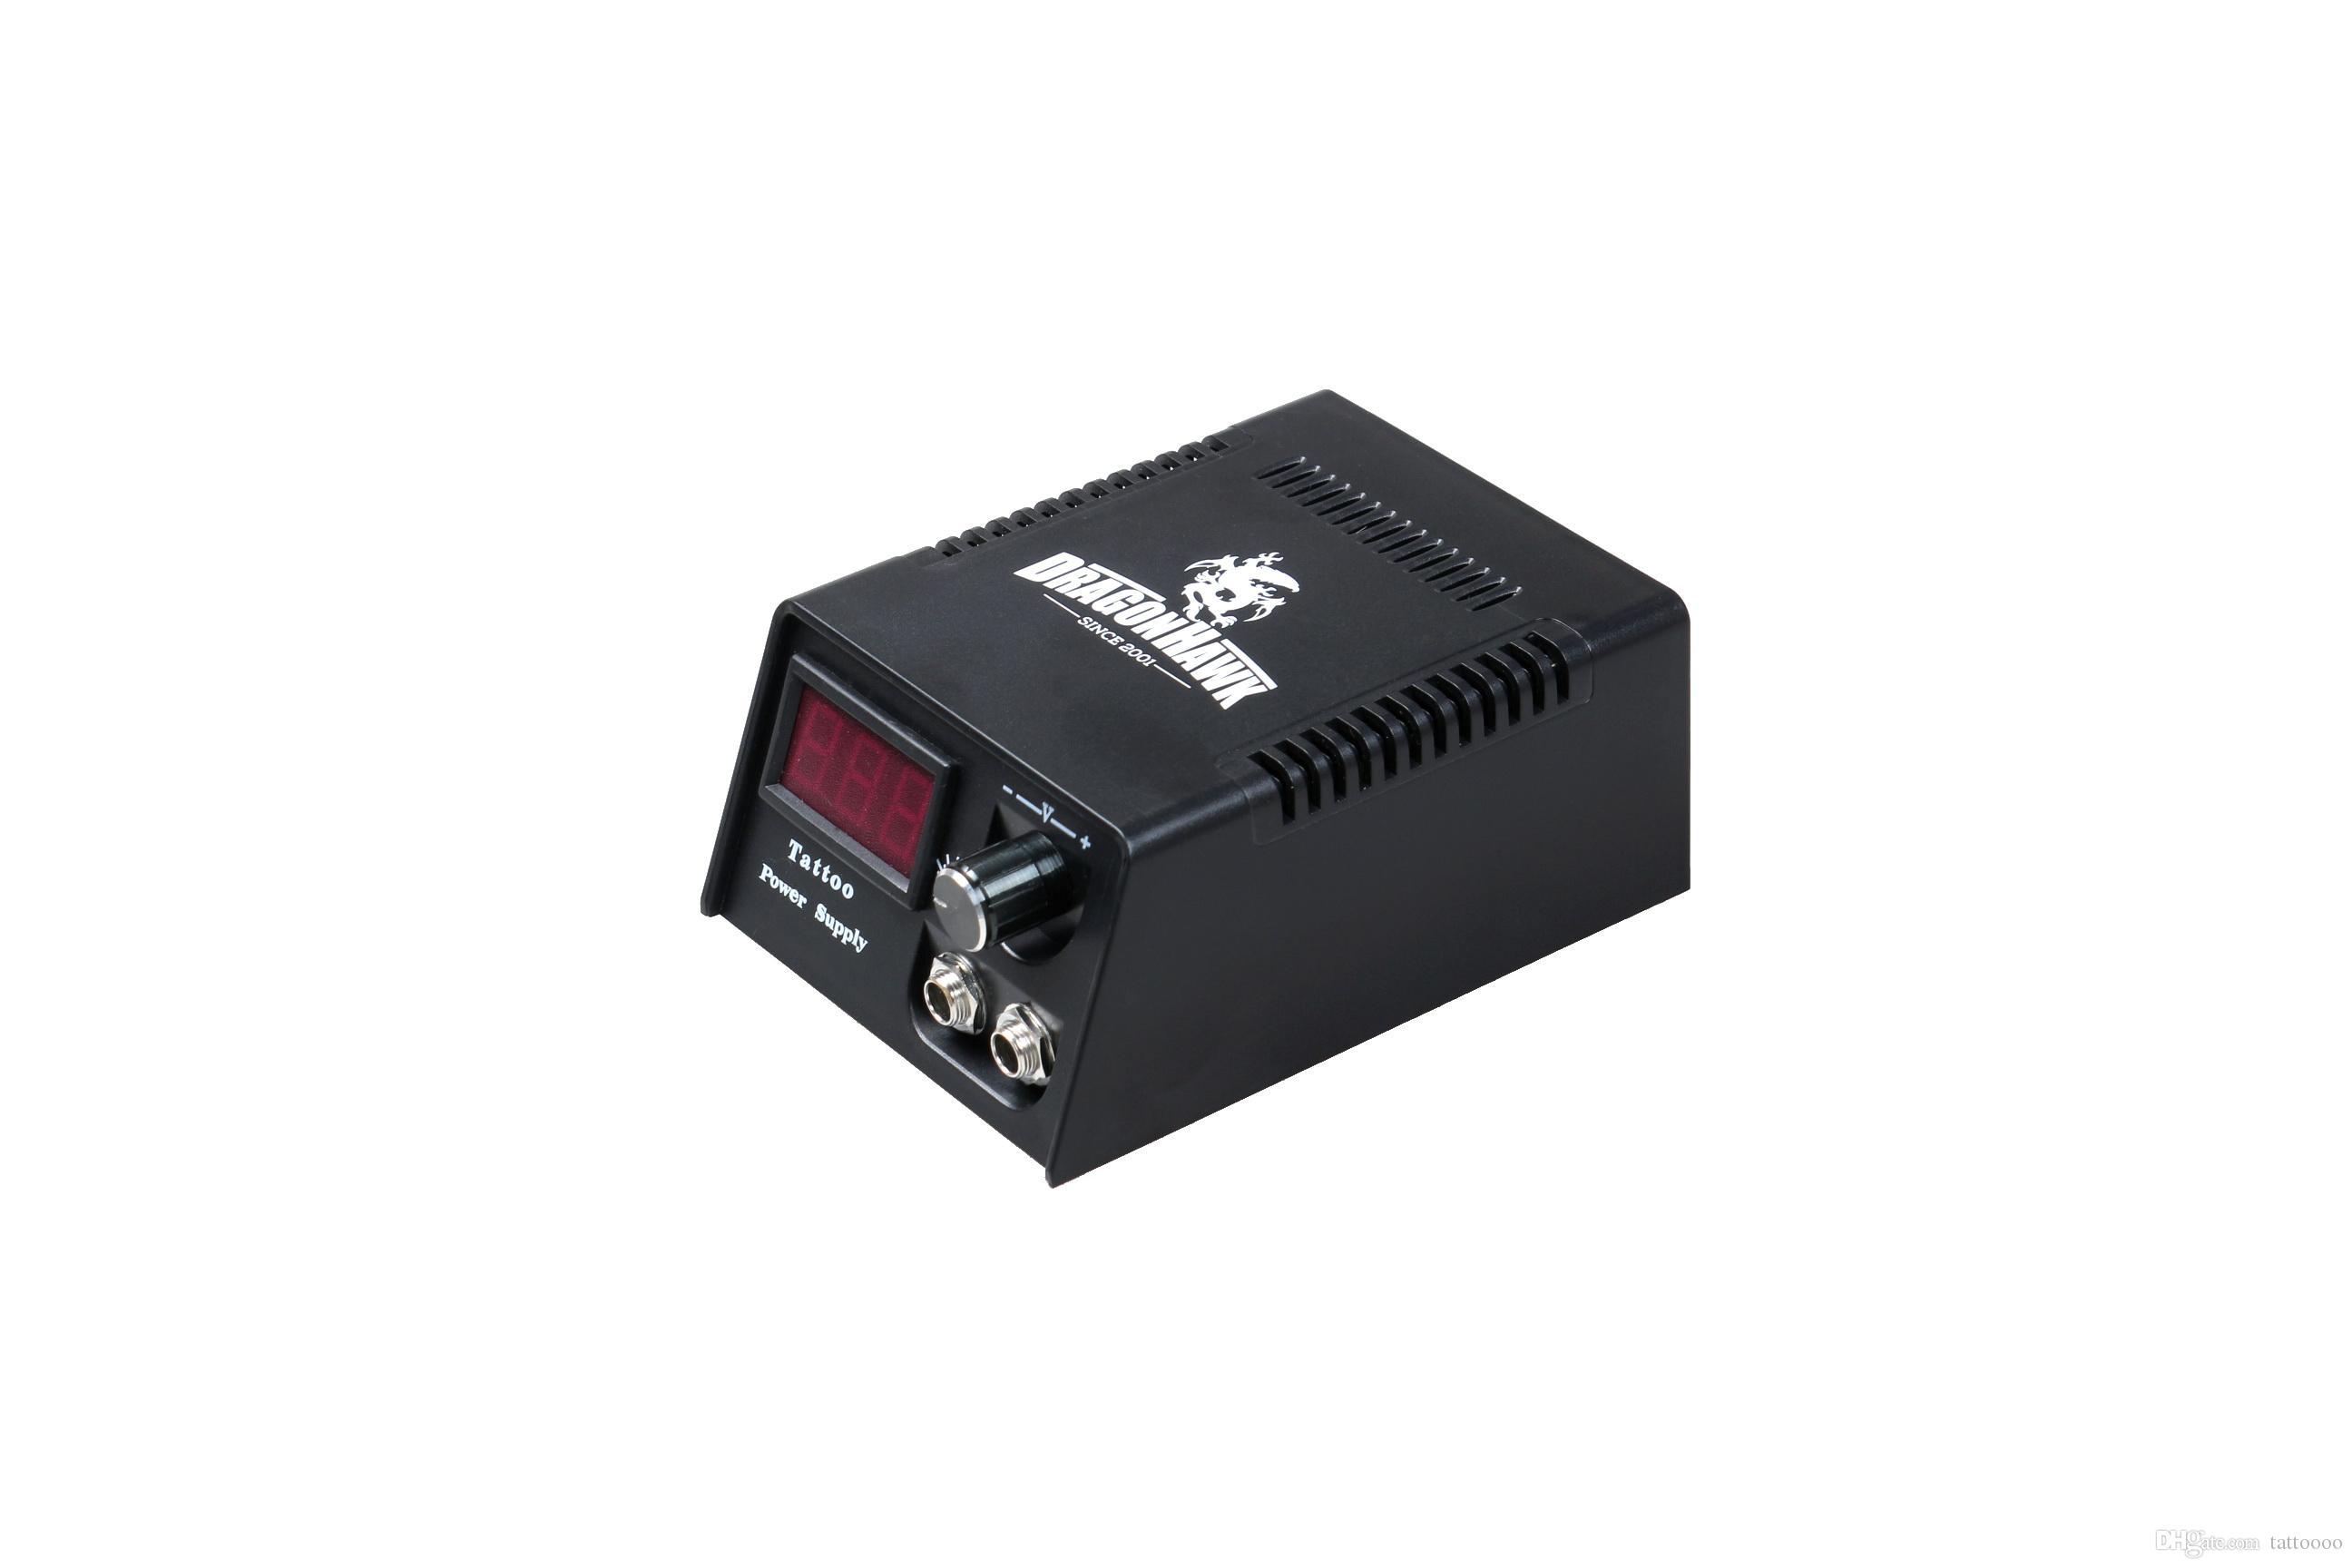 Alimentatore del tatuaggio digitale digitale LCD con spina di potenza USA UE A ++ qualità kit pistole pistola a pedale clip cavo TNT spedizione gratuita